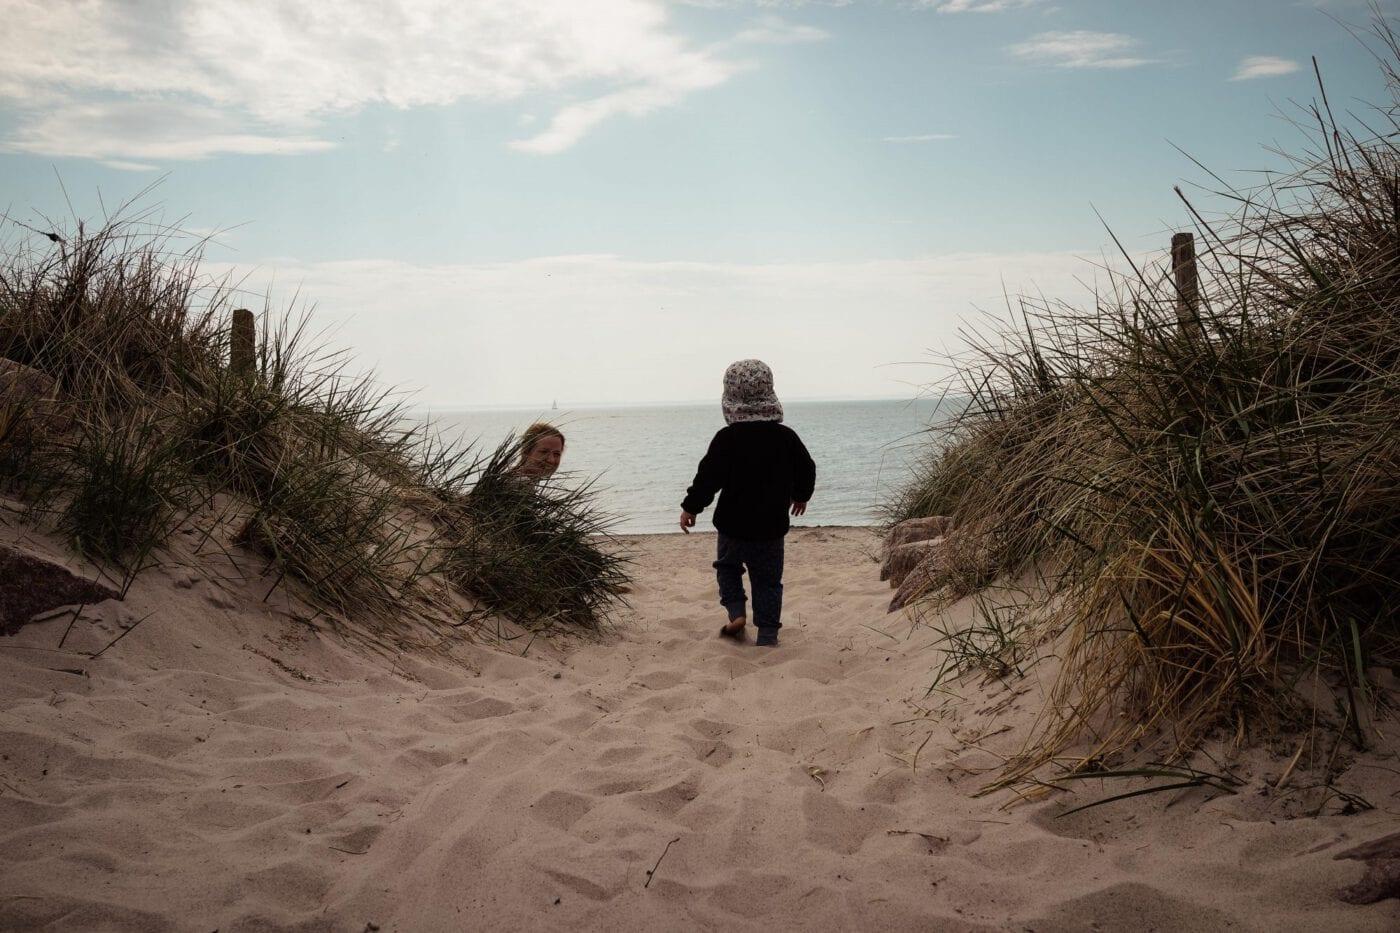 Urlaub an der Ostsee mit Kind: Die Kailua Lodge